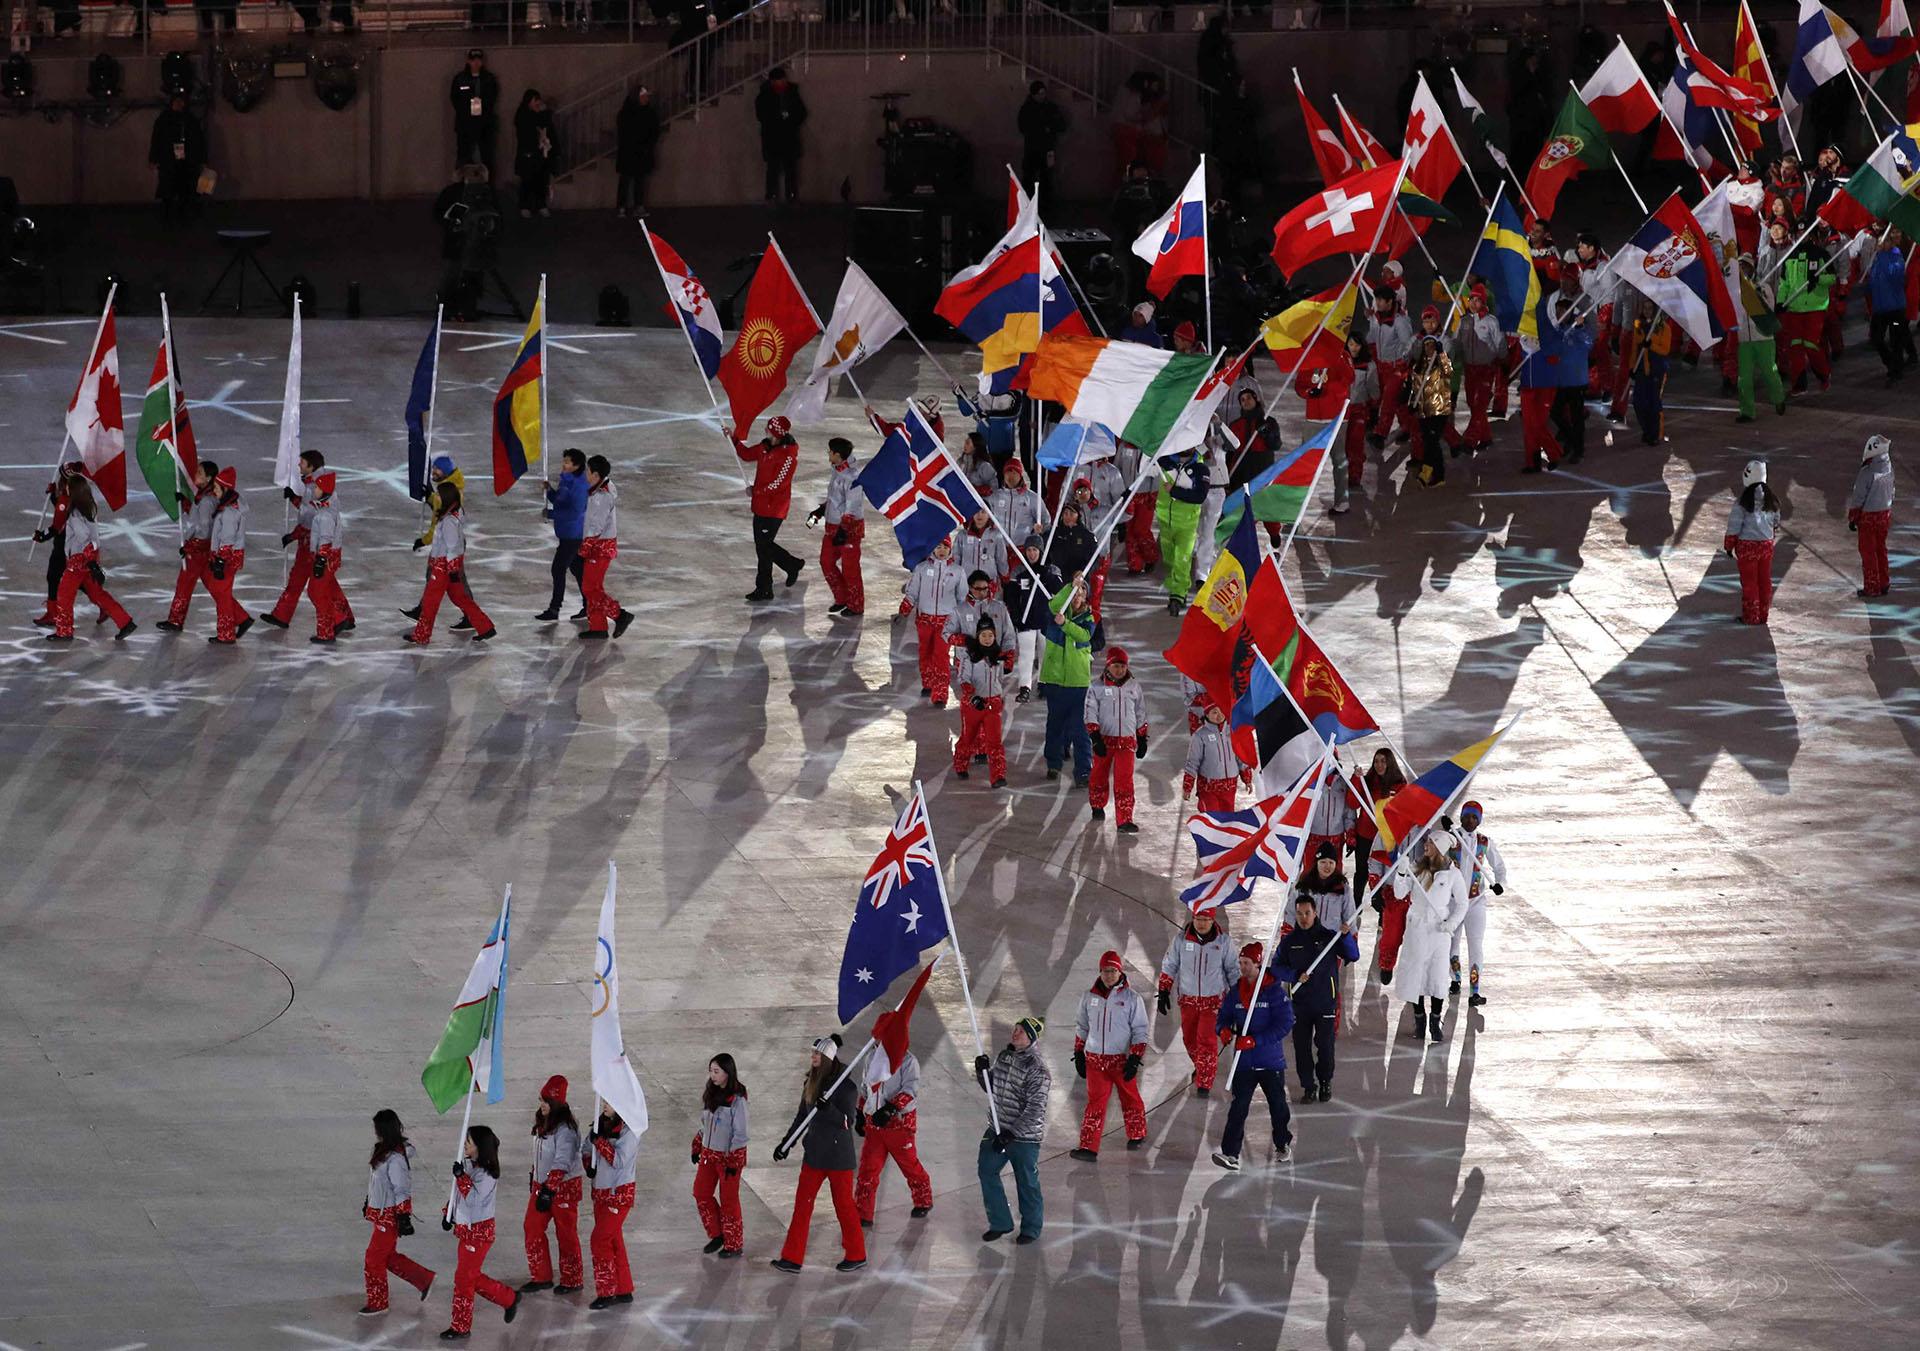 Sólo 28 naciones sumaron medallas, además del equipo olímpico ruso